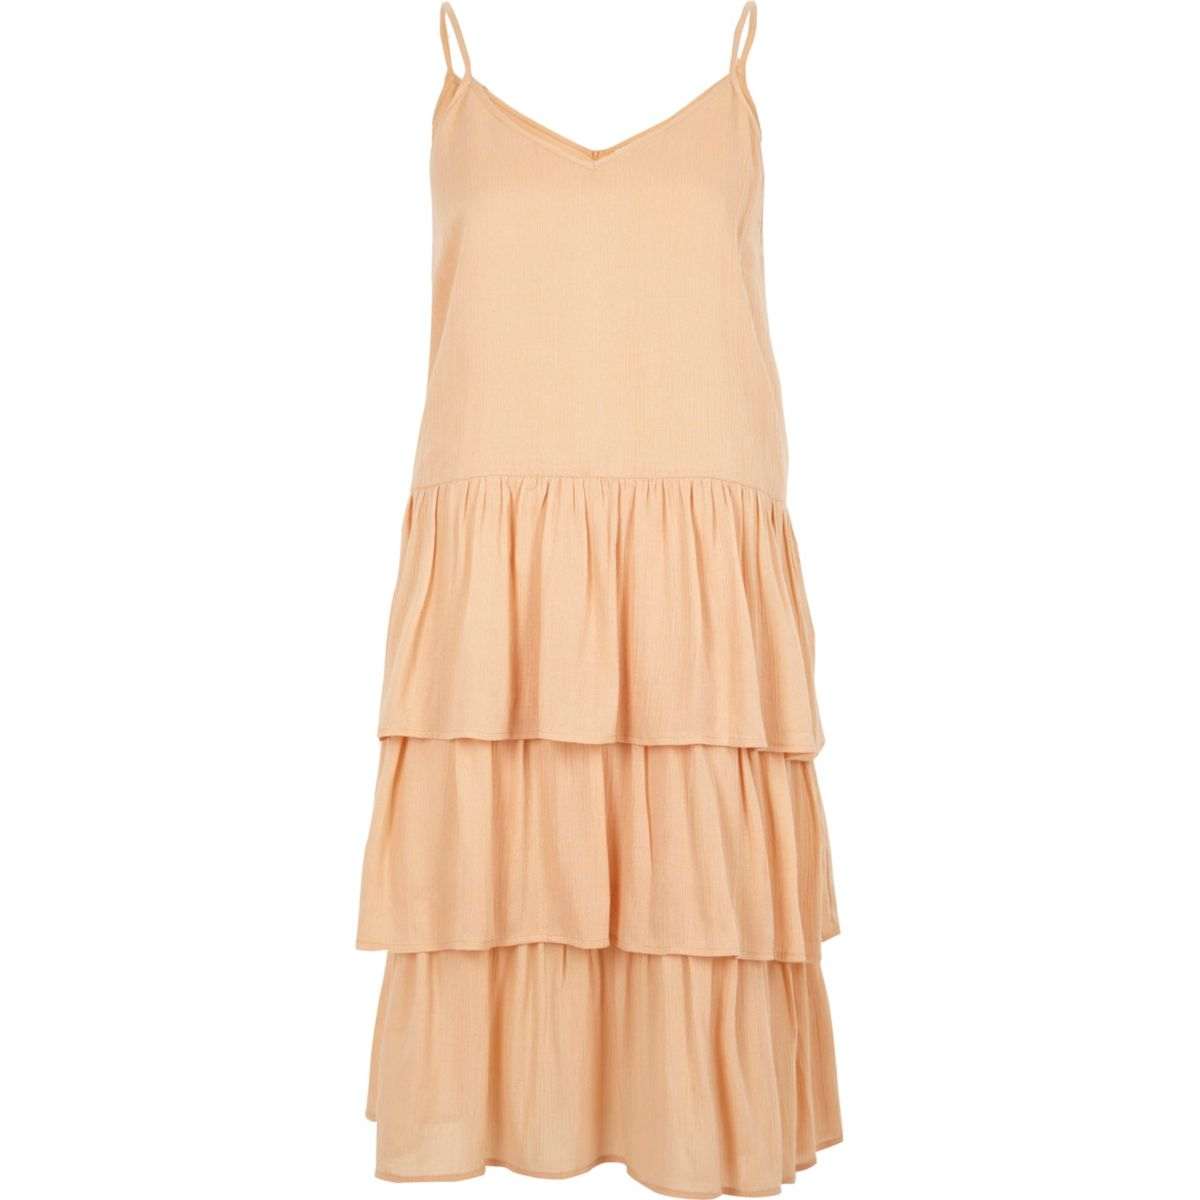 Light beige tiered midi slip dress